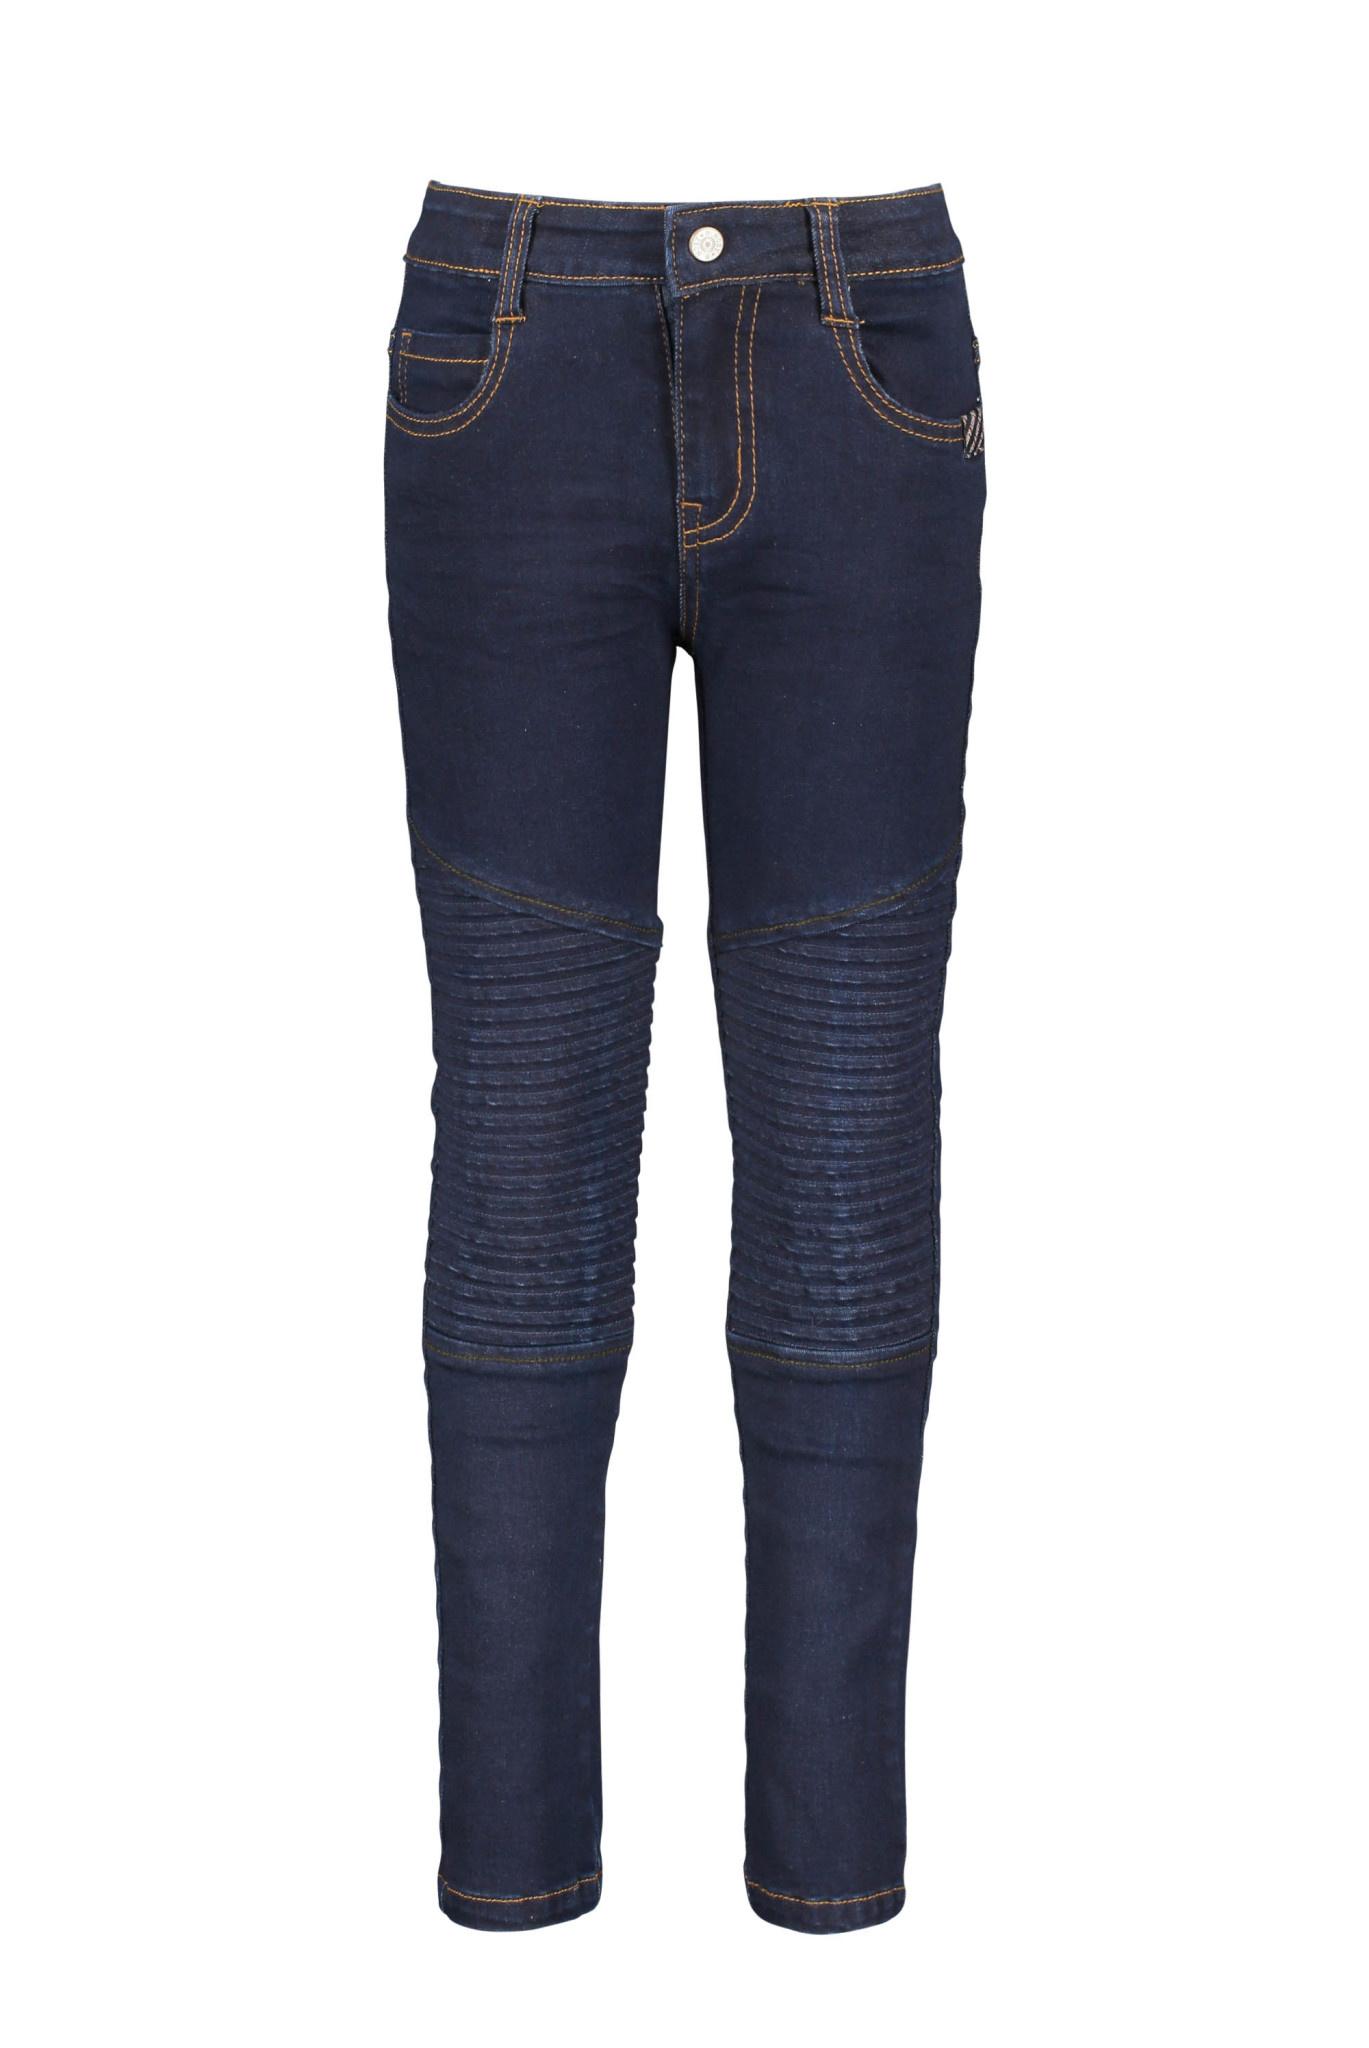 Dark Wash Moto Jeans